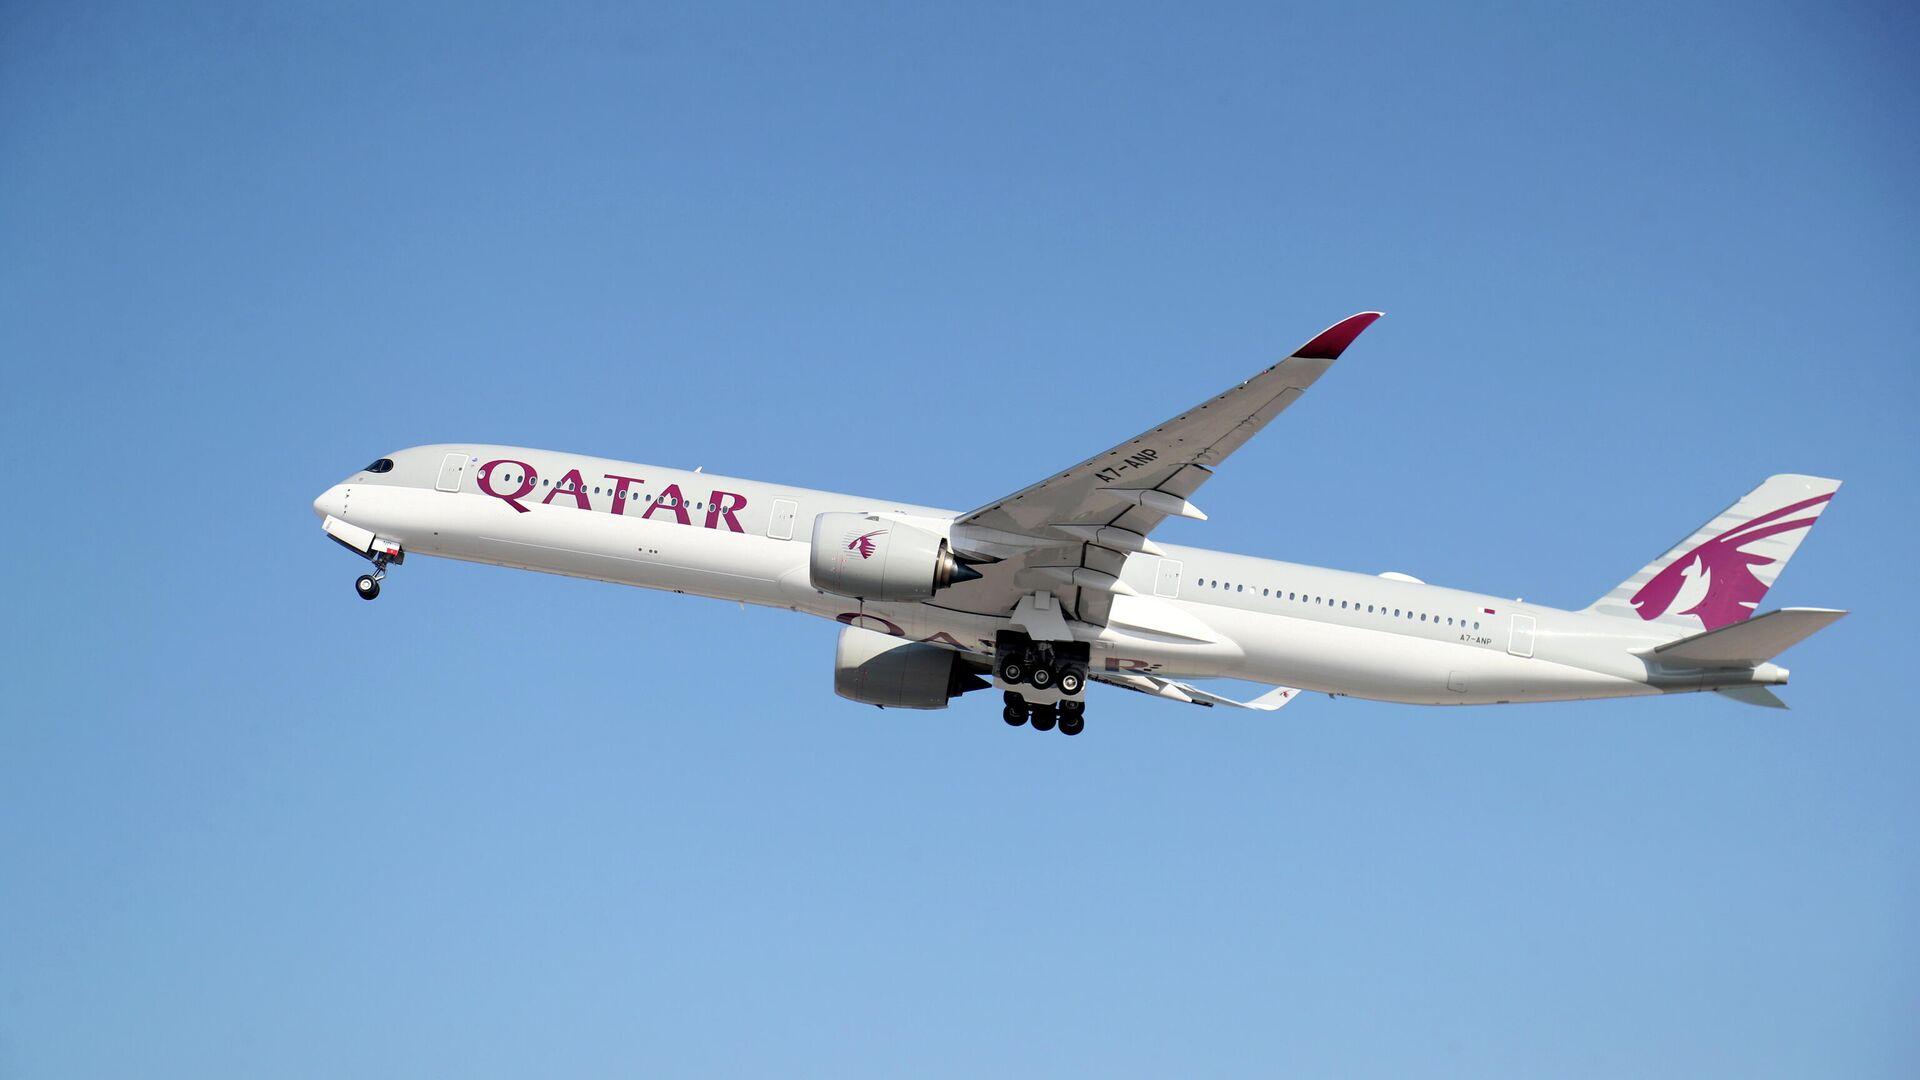 Ein Flugzeug von Qatar Airways. - SNA, 1920, 12.07.2021